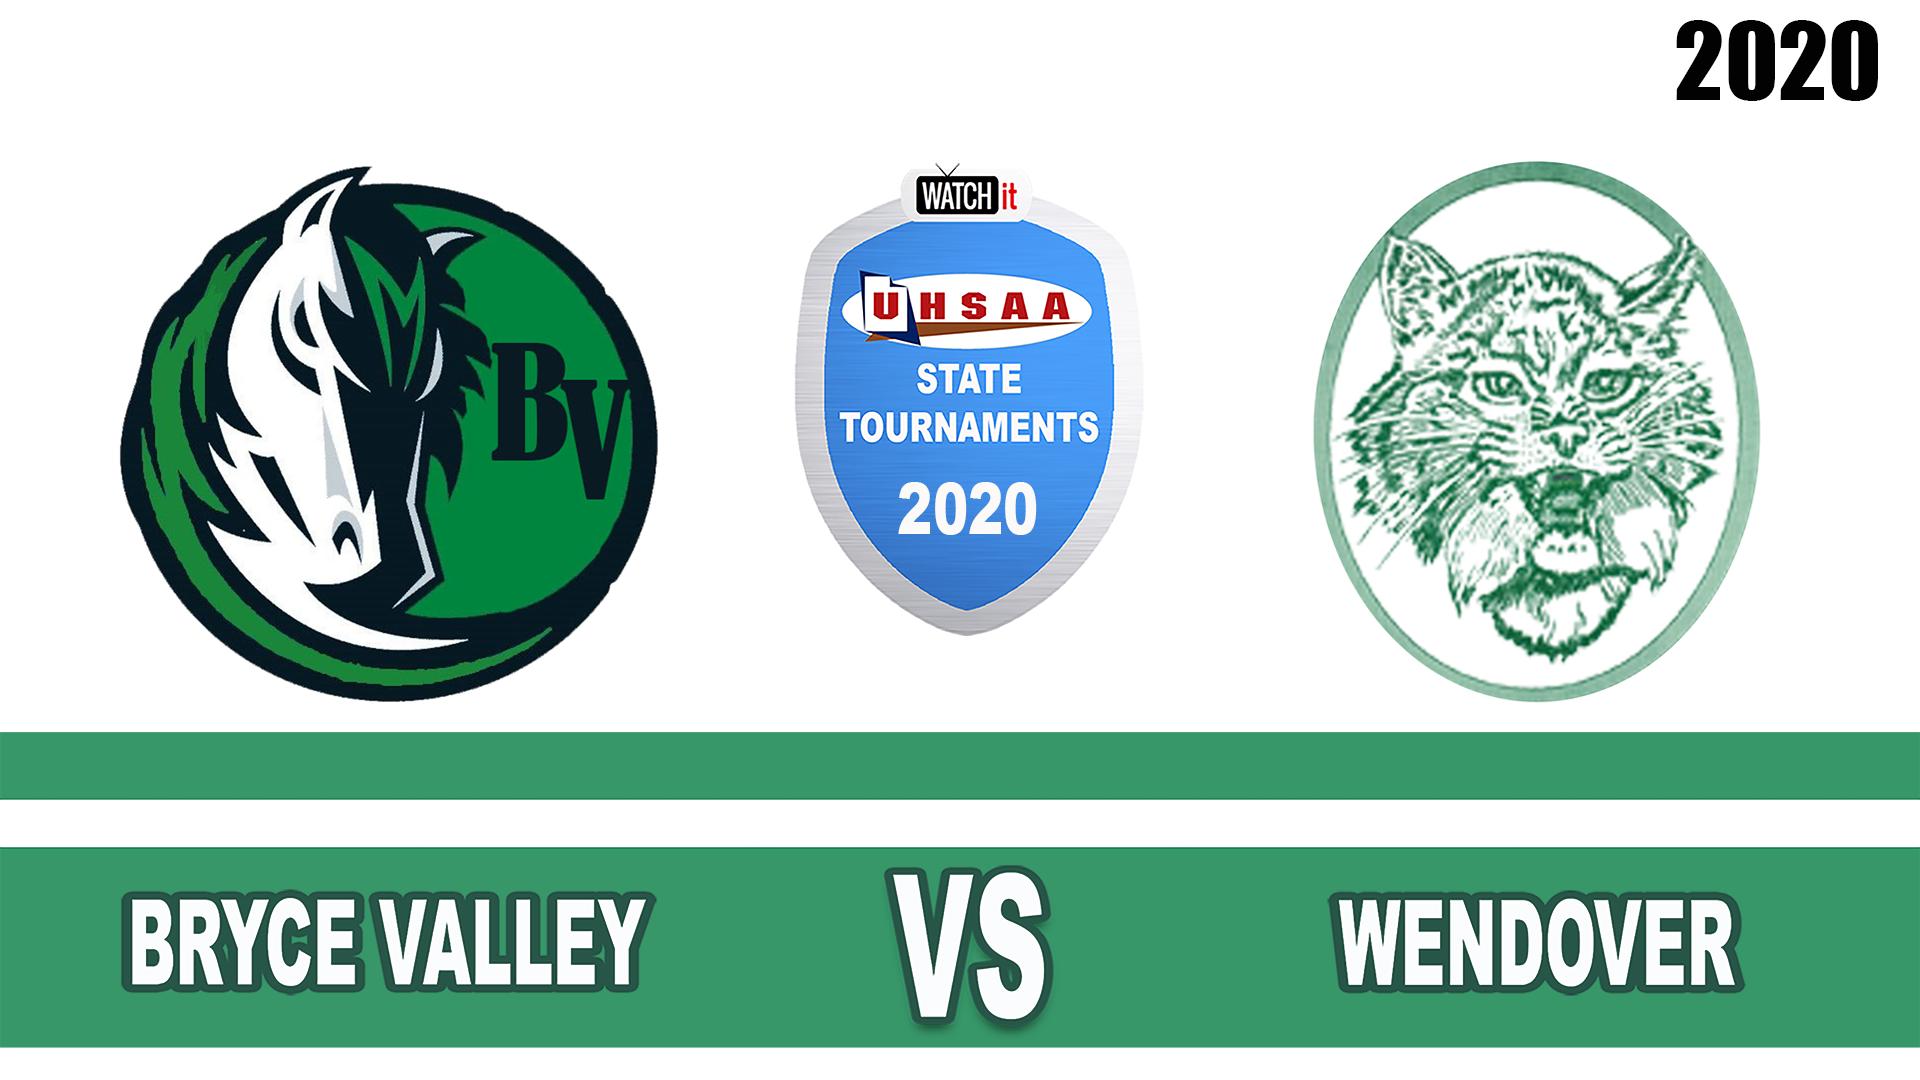 Bryce Valley vs Wendover